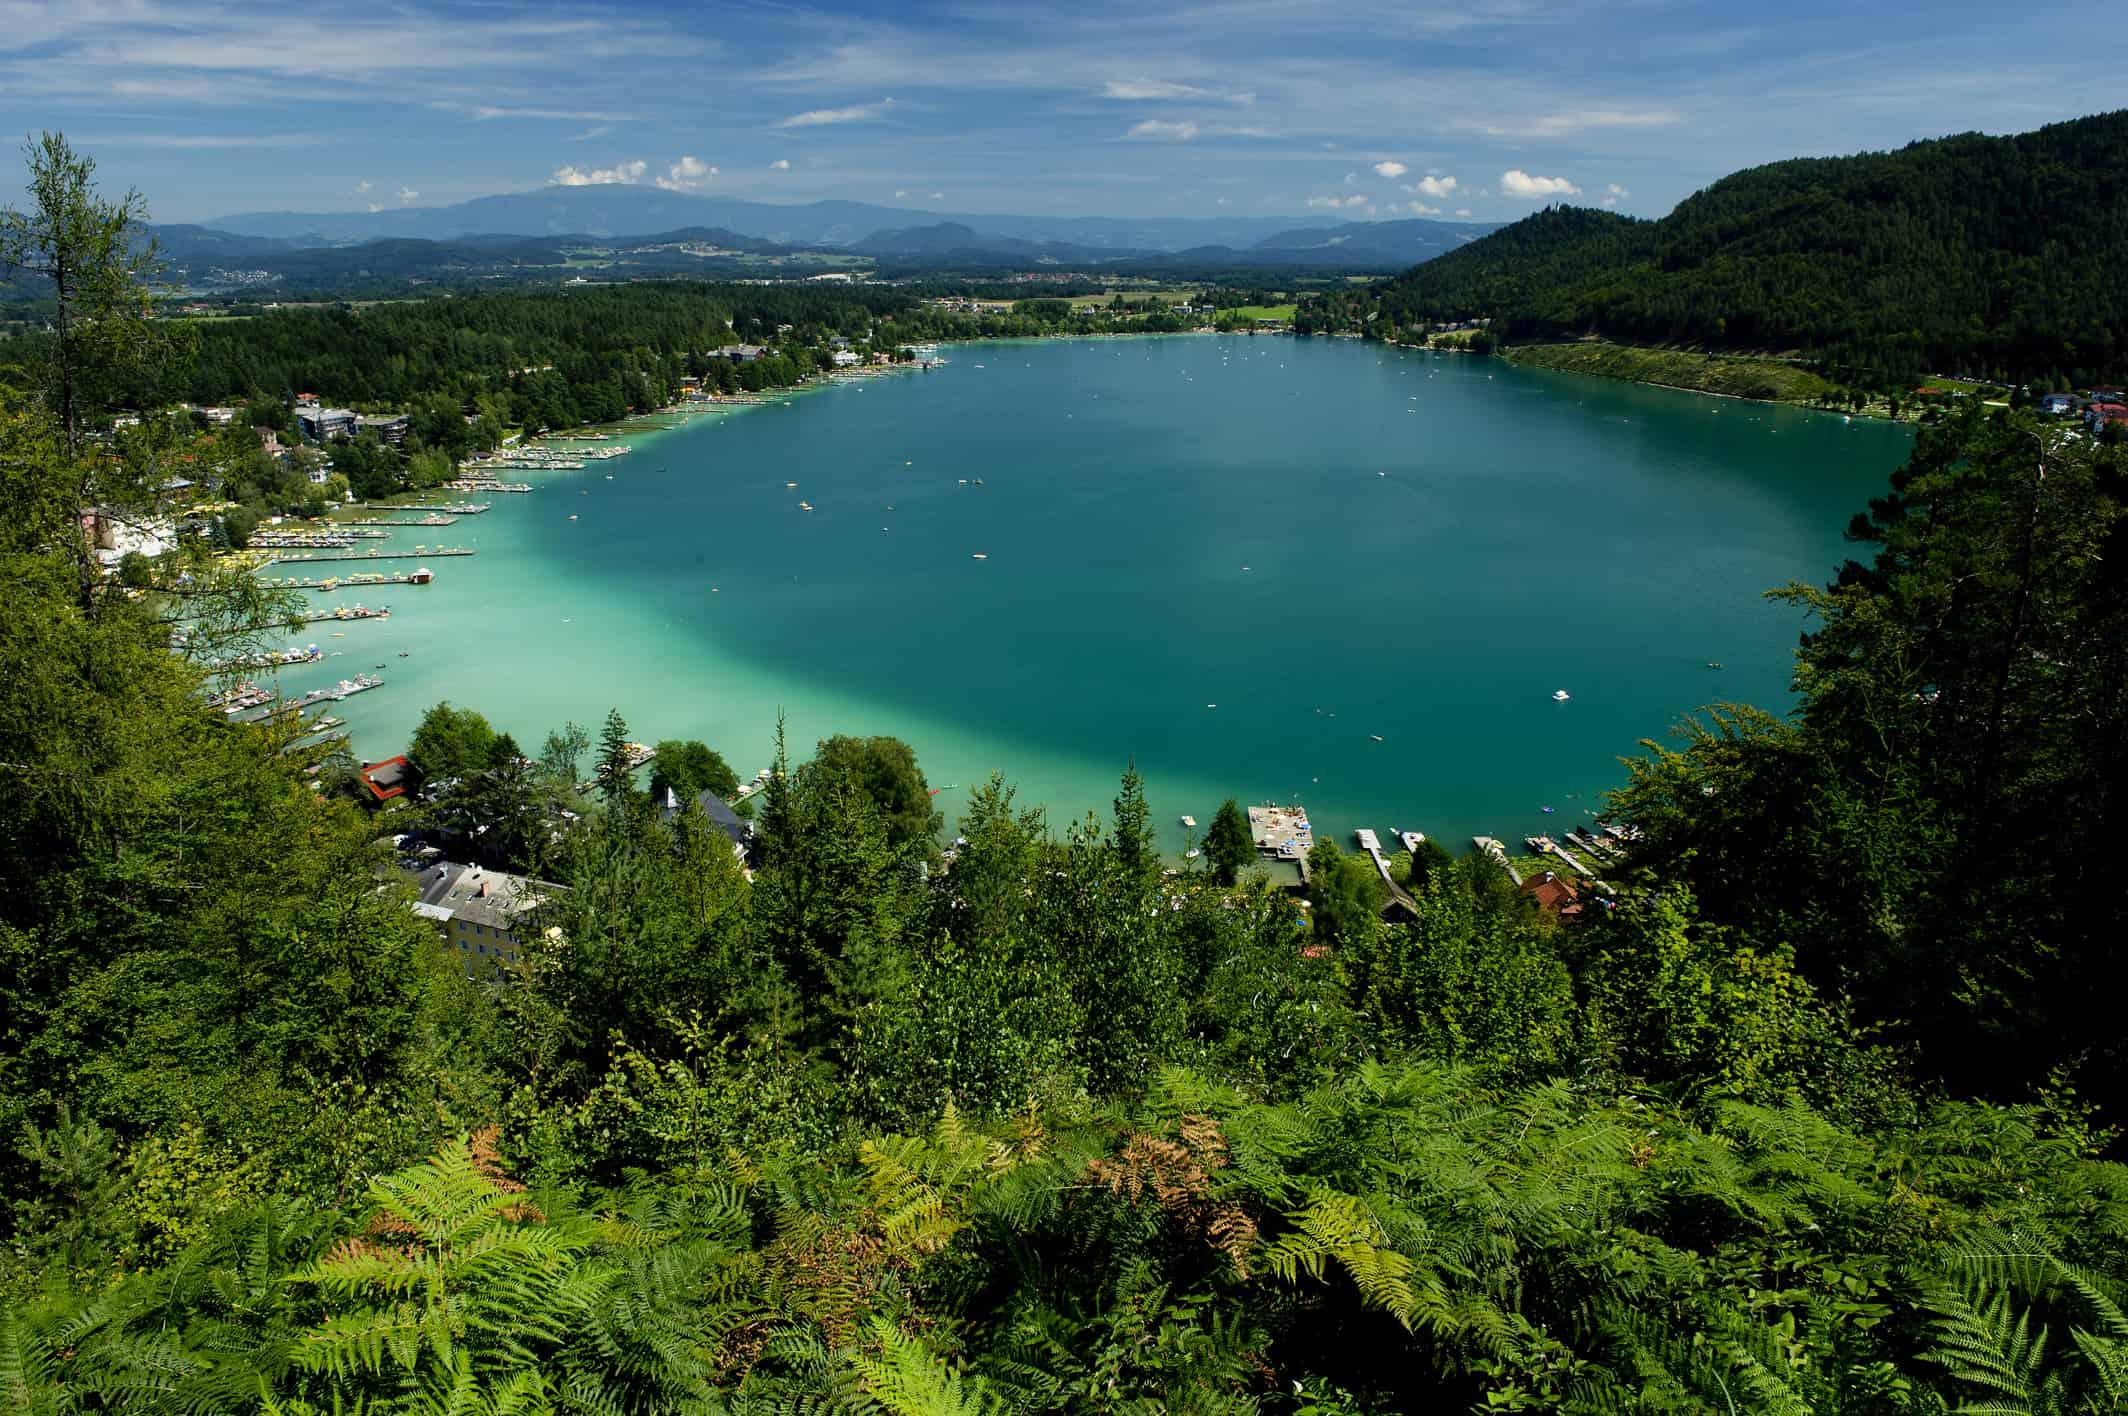 Klopeinersee in Südkärnten - Bezirk Völkermarkt in Österreich. Badesee und Ausflugsort in Kärnten.